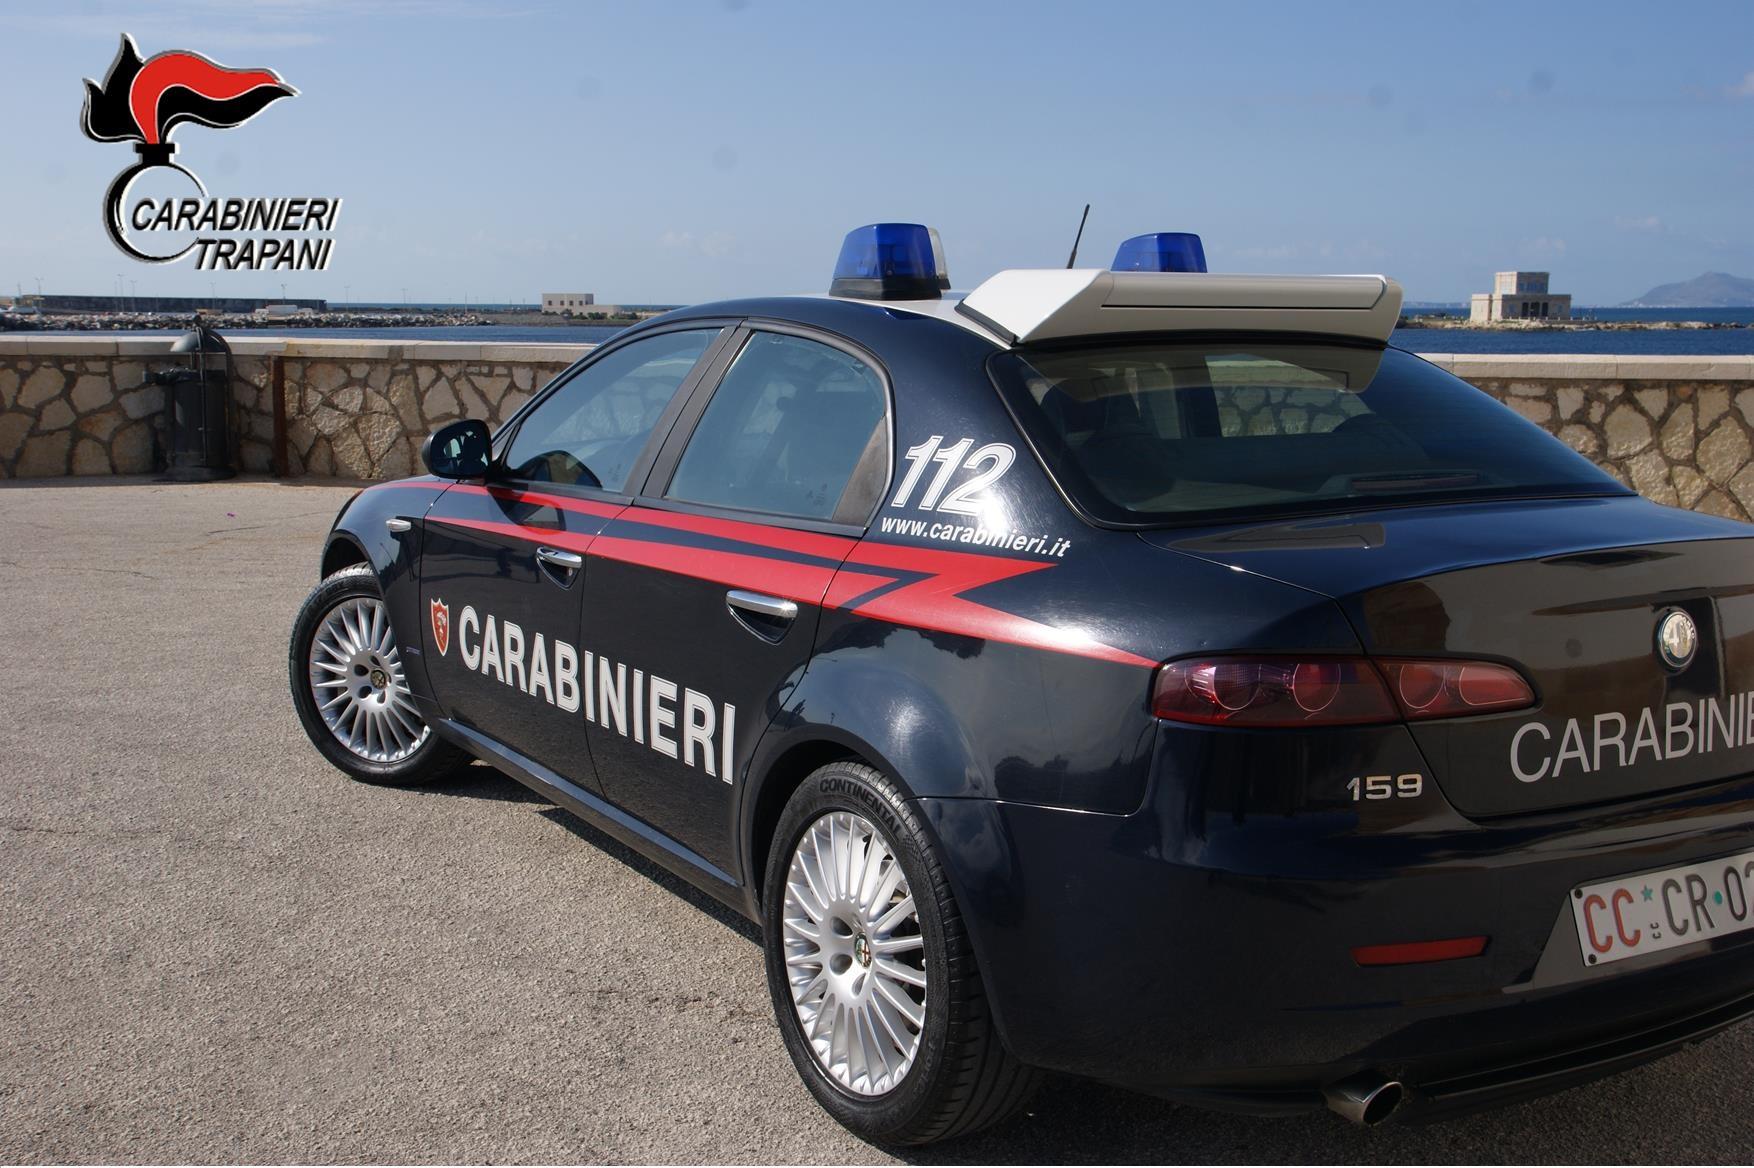 Tentano di rubare uno scooter, in tre denunciati dai Carabinieri